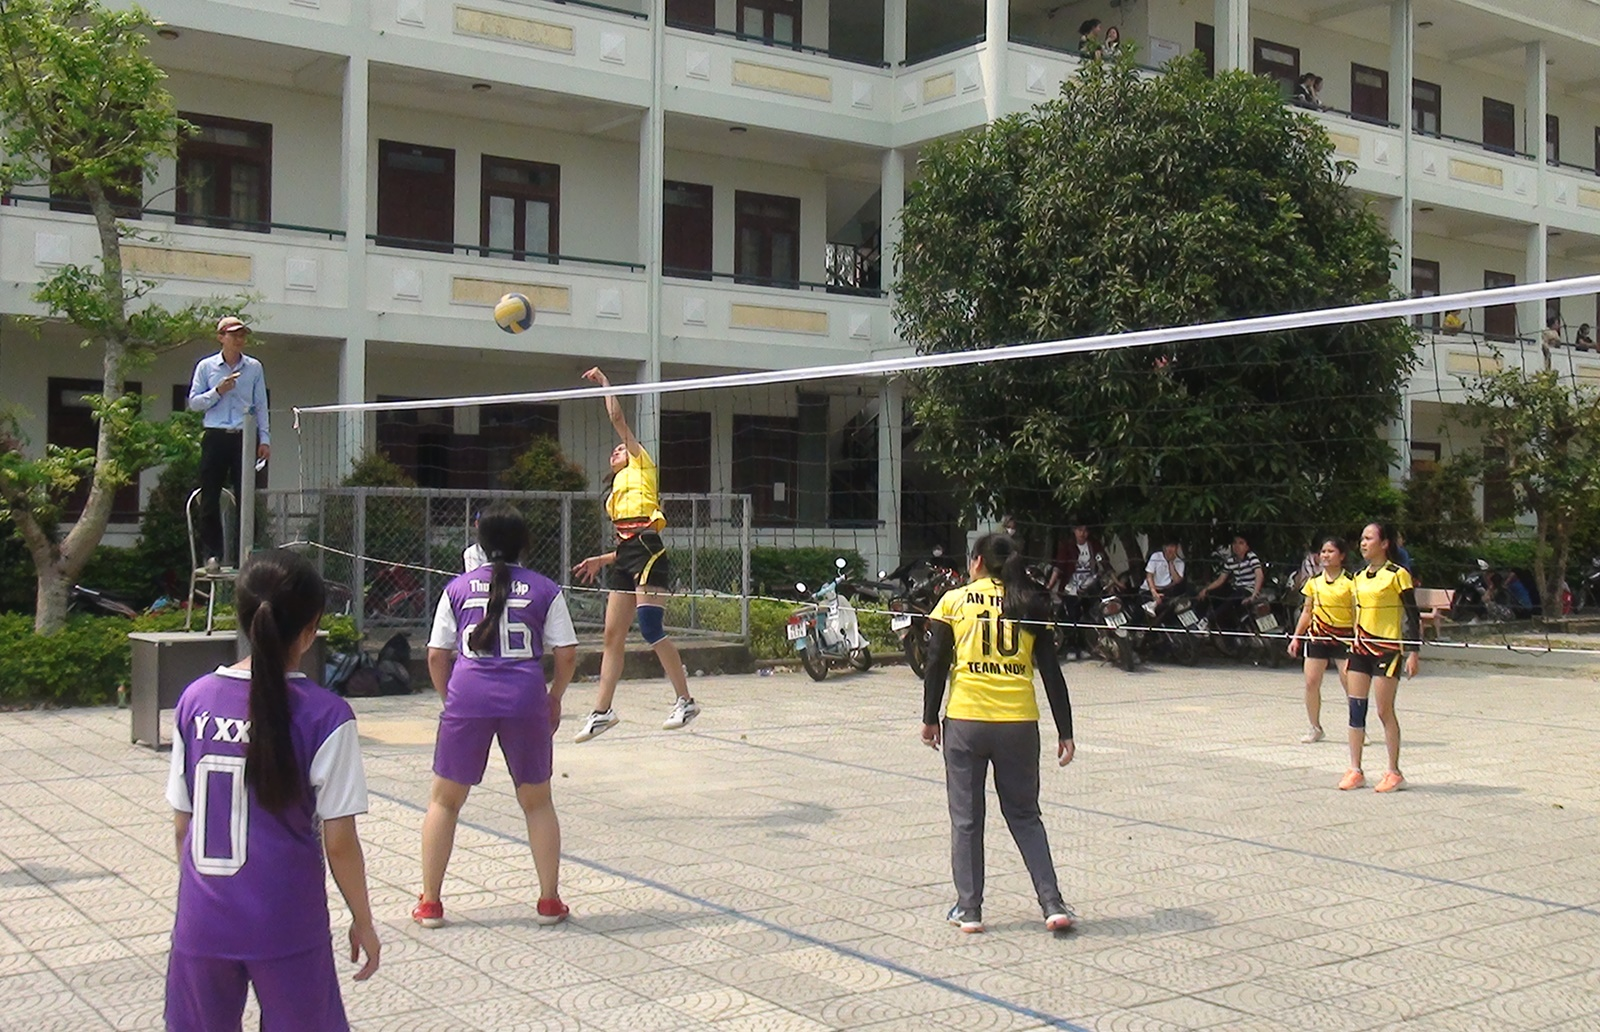 Thi đấu bóng chuyền nữ khối trường học. Ảnh: B.N